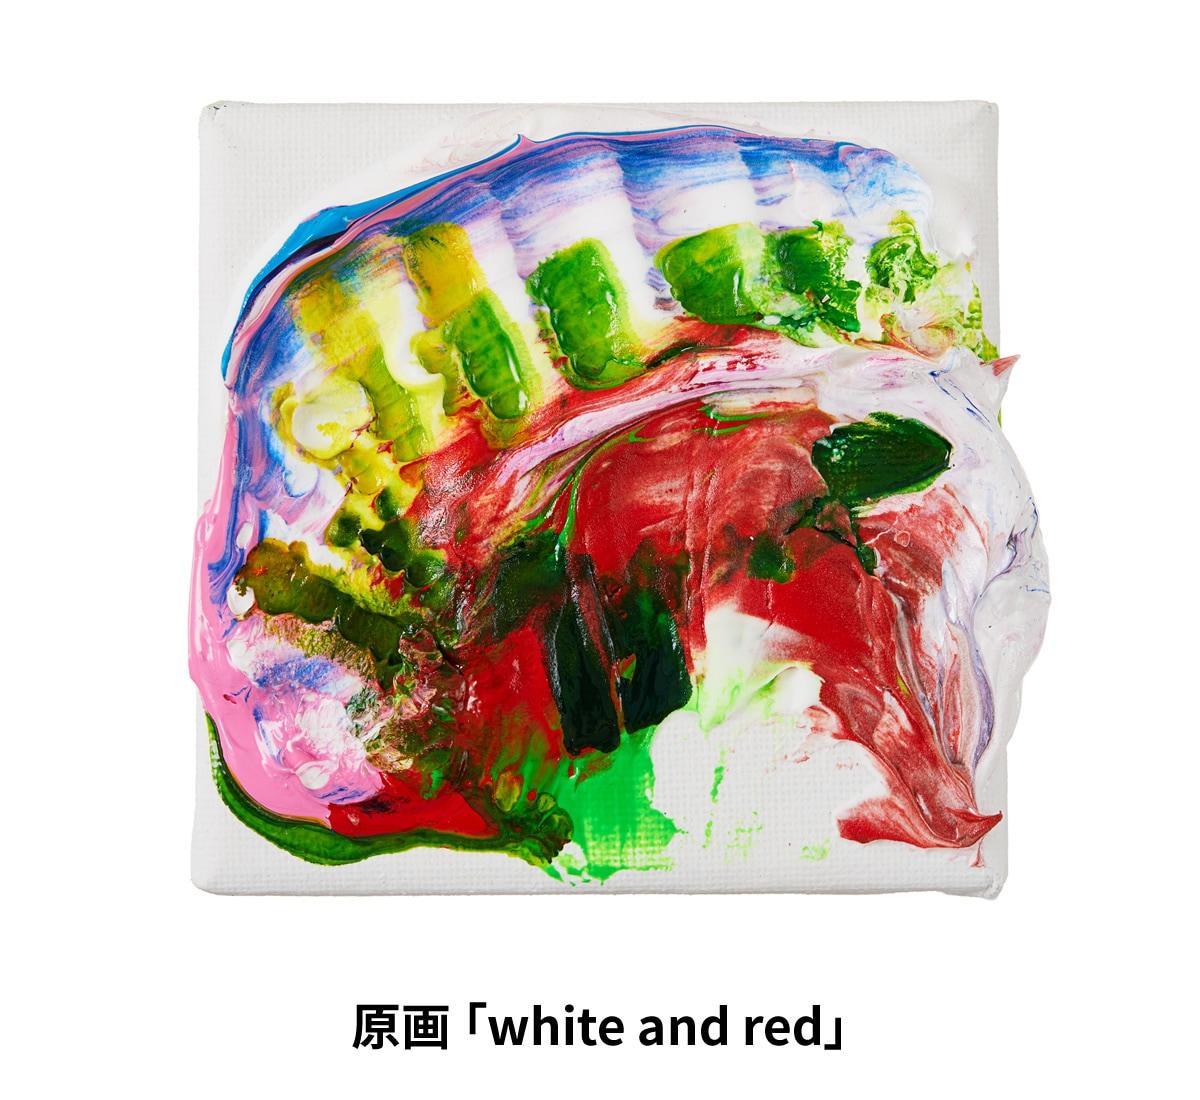 原画 「white and red」